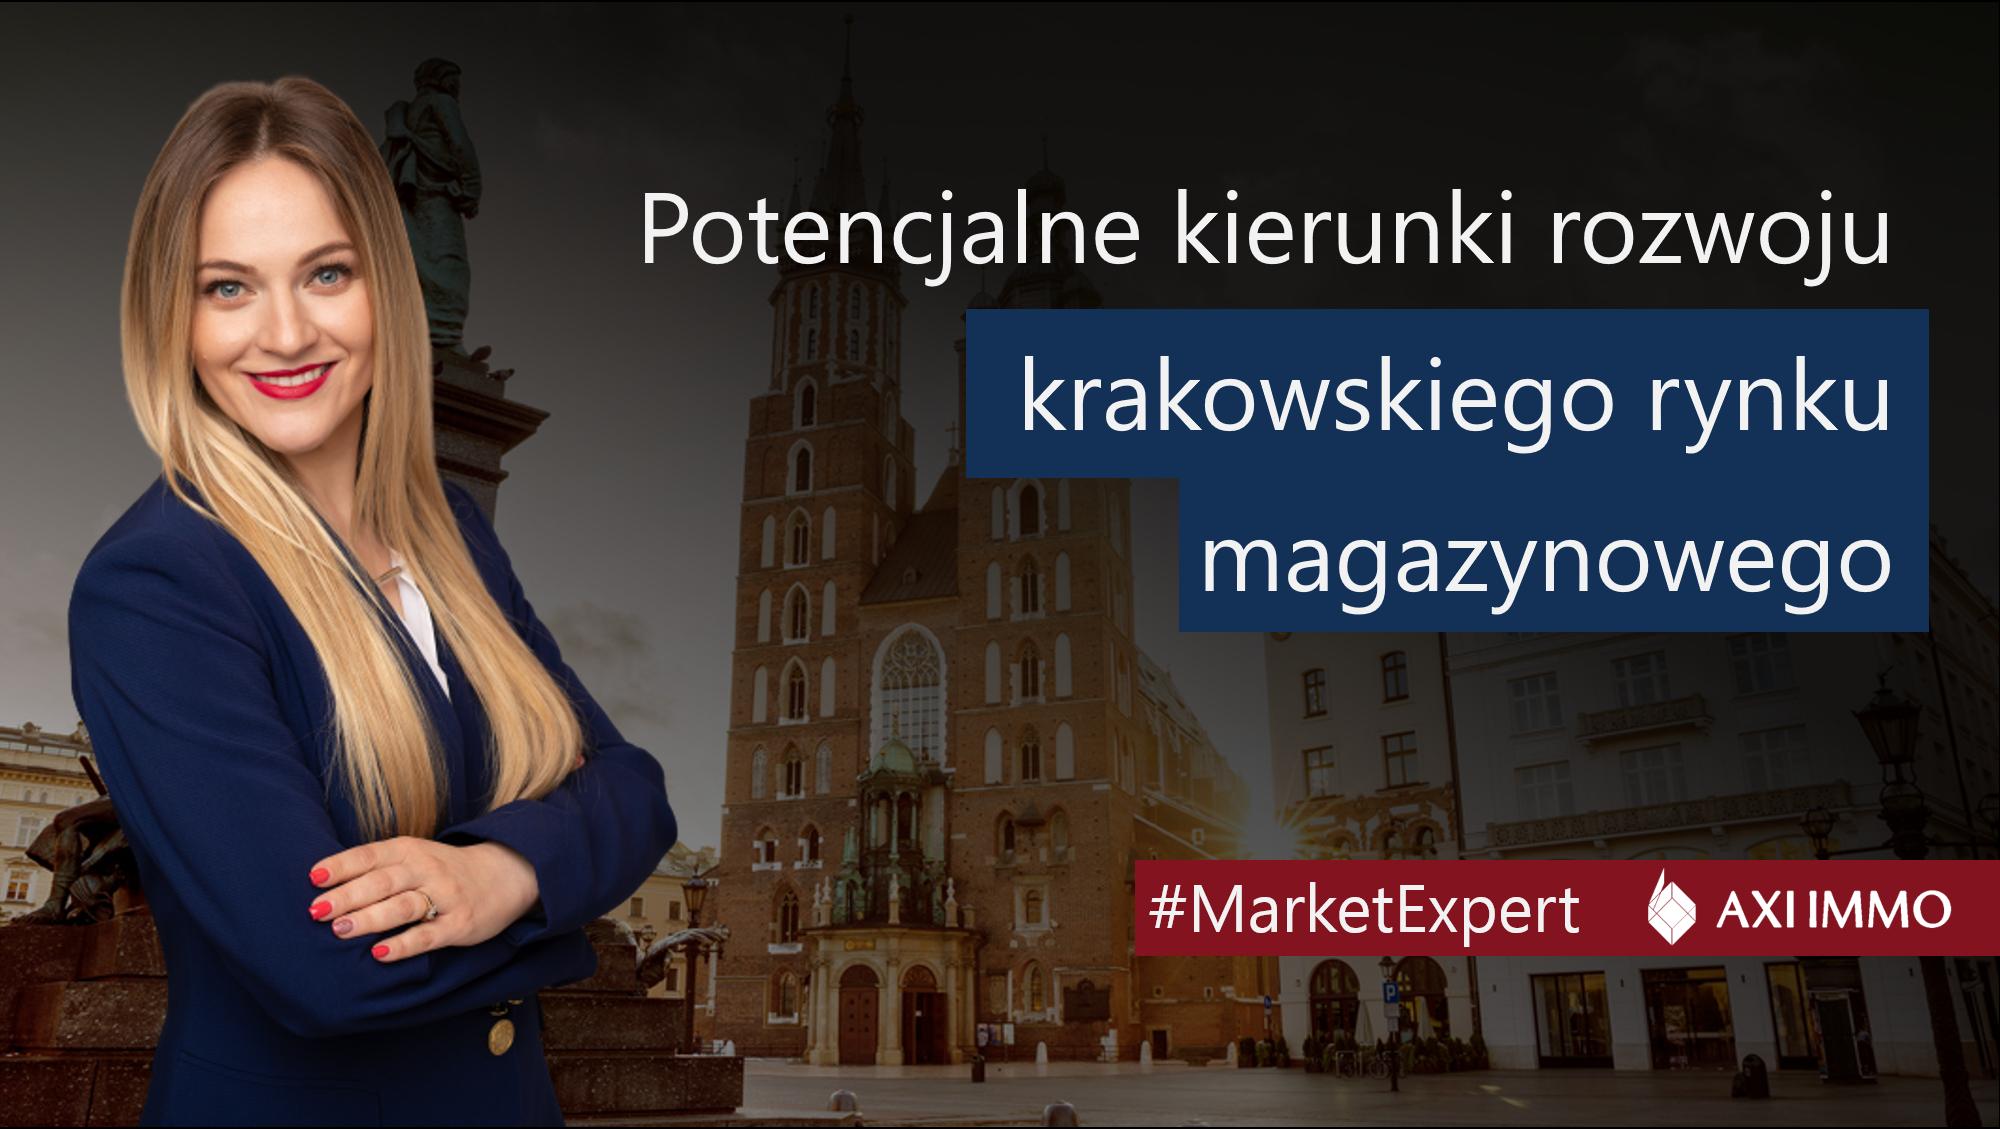 Potencjalne kierunki rozwoju krakowskiego rynku magazynowego